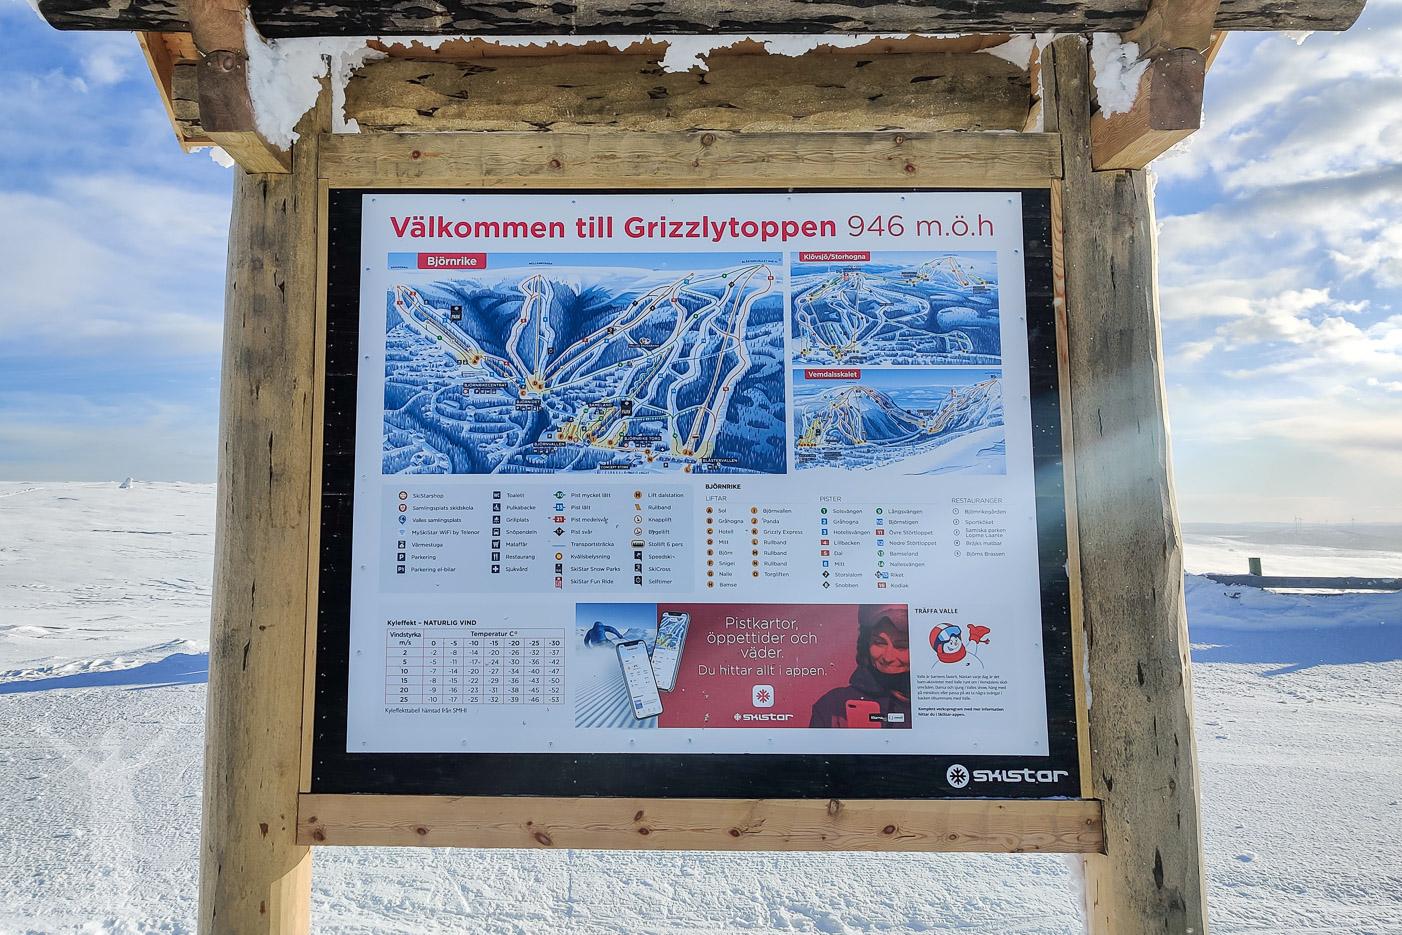 Pistkarta - bra om du ska åka skidor i Björnrike